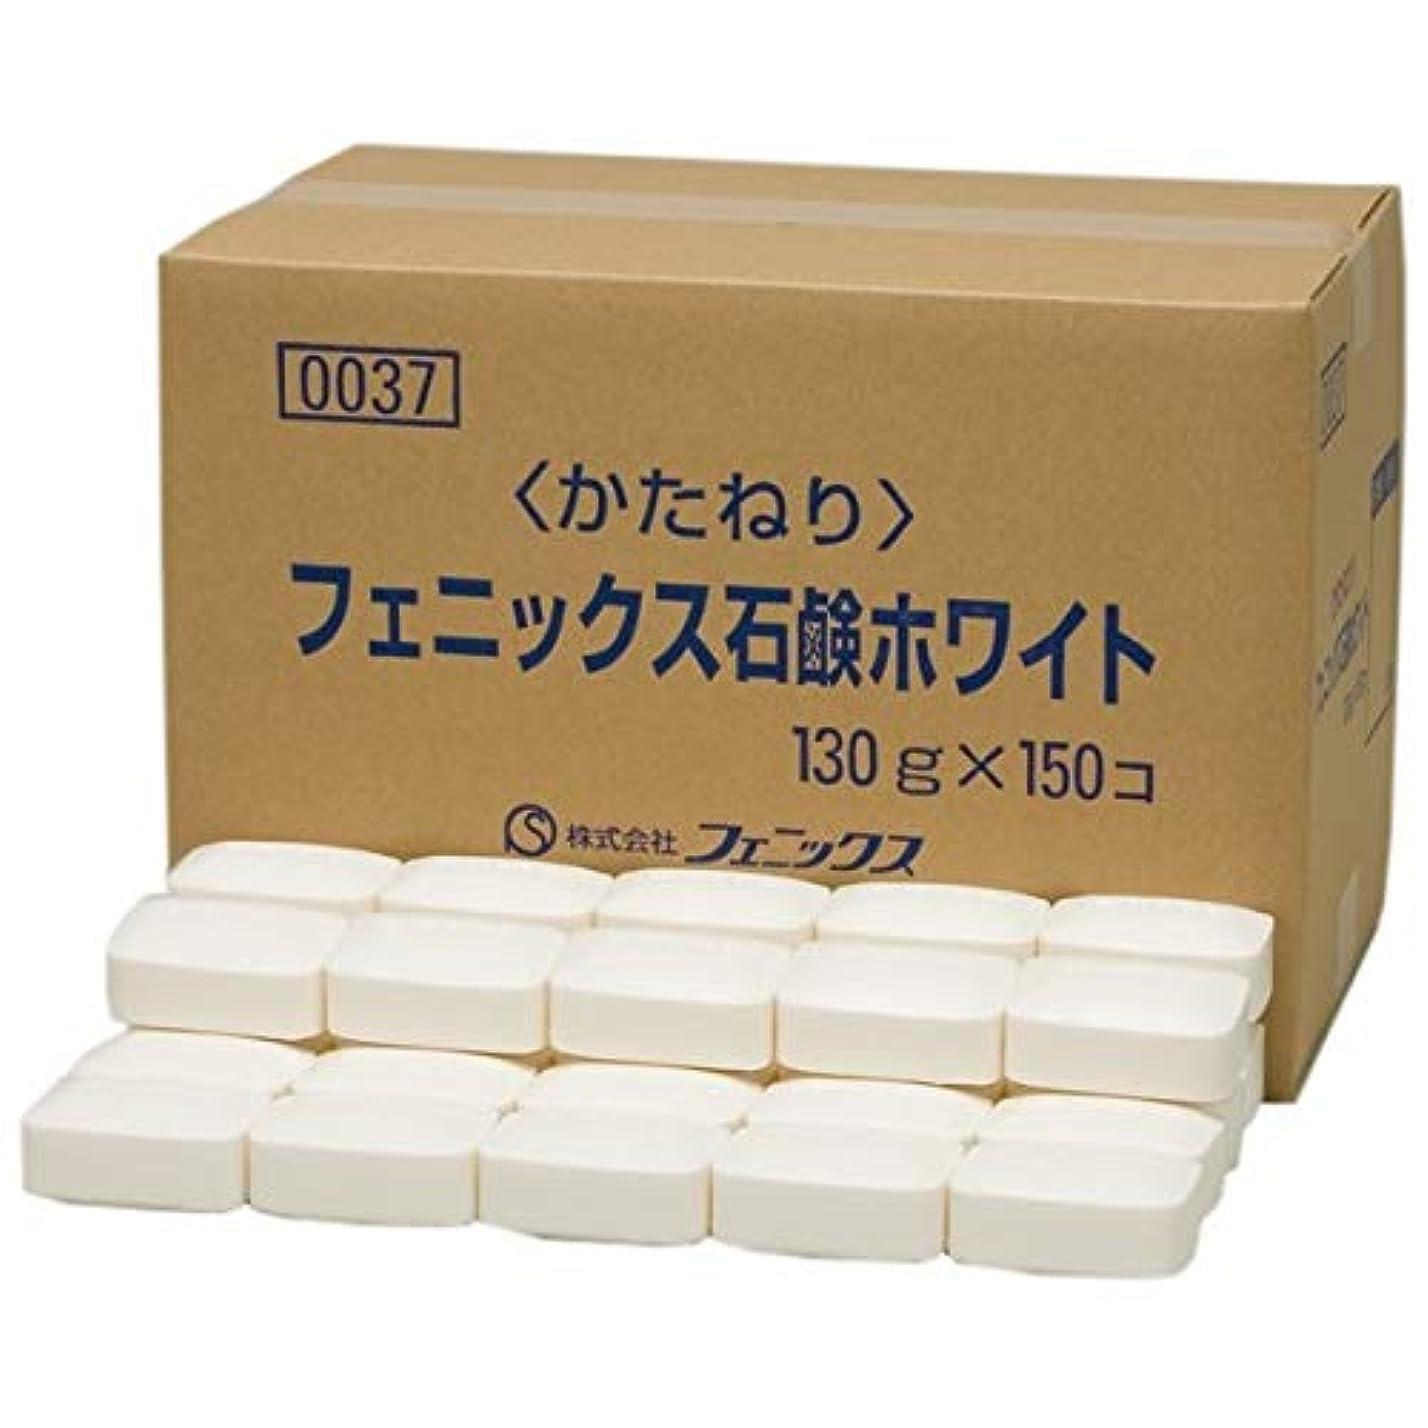 ポーンゴミ箱を空にするイルフェニックスホワイト石鹸 130g×150個入